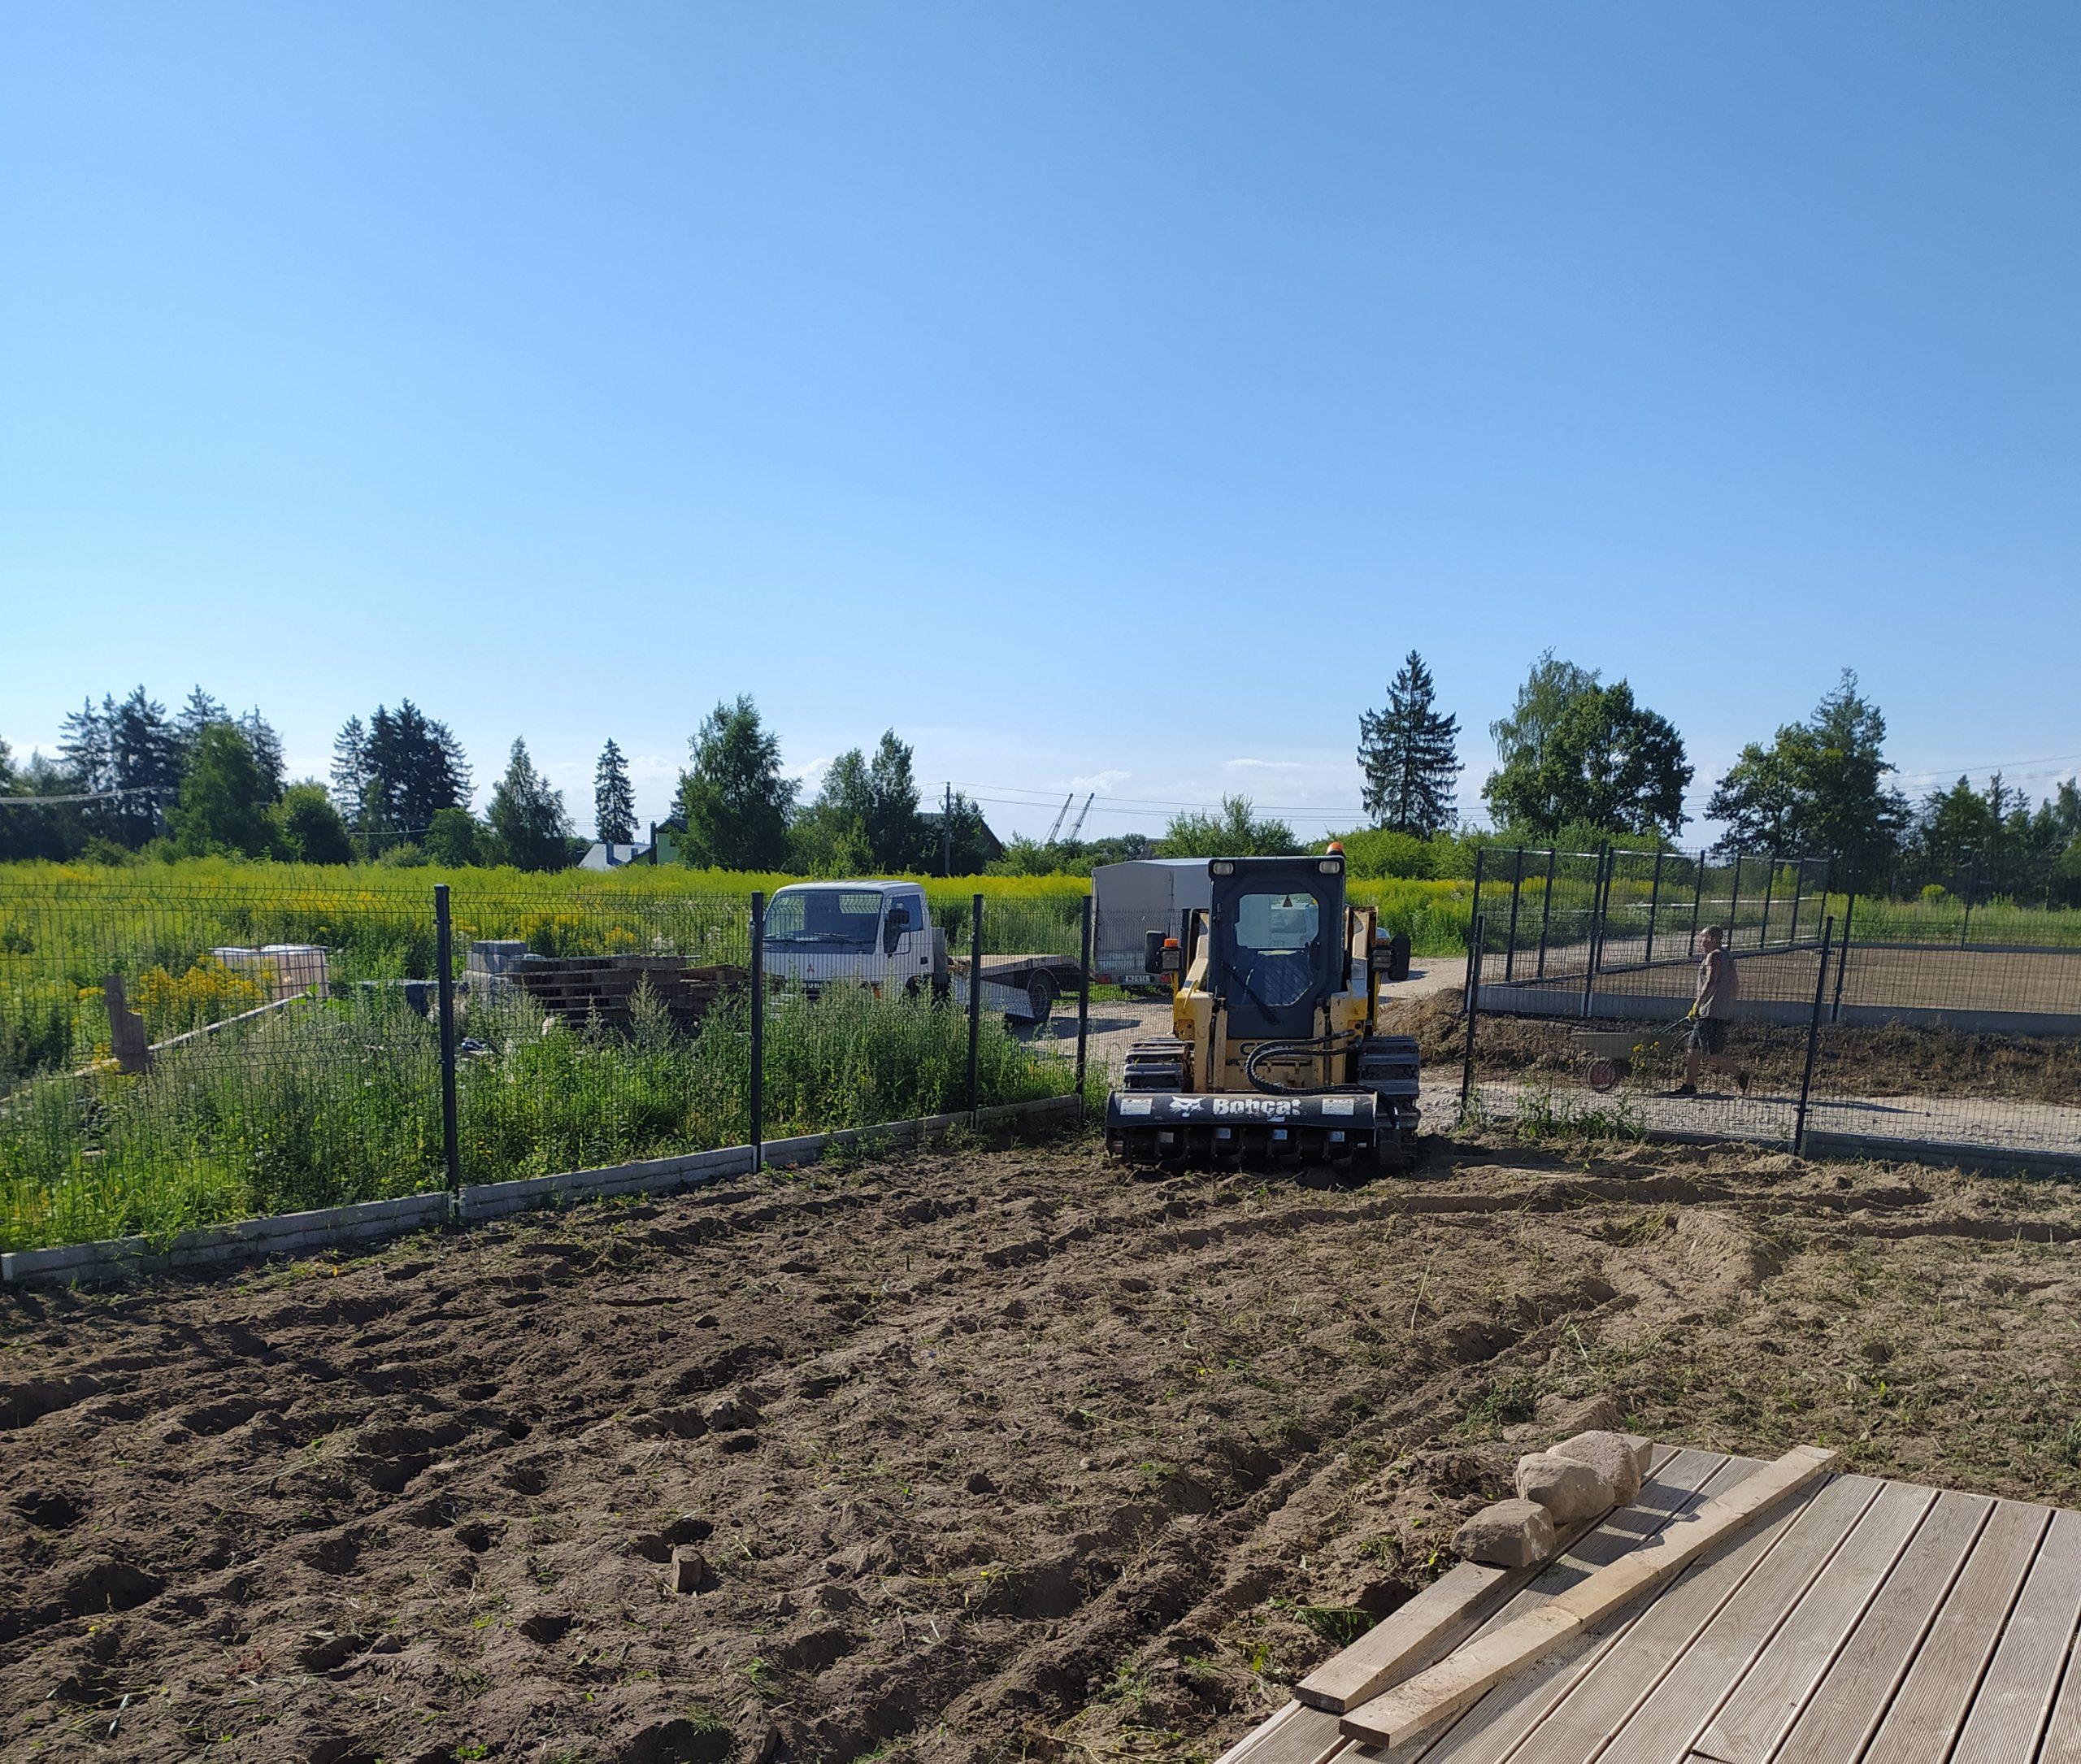 Lauko statyba - Pagrindų paruošimas